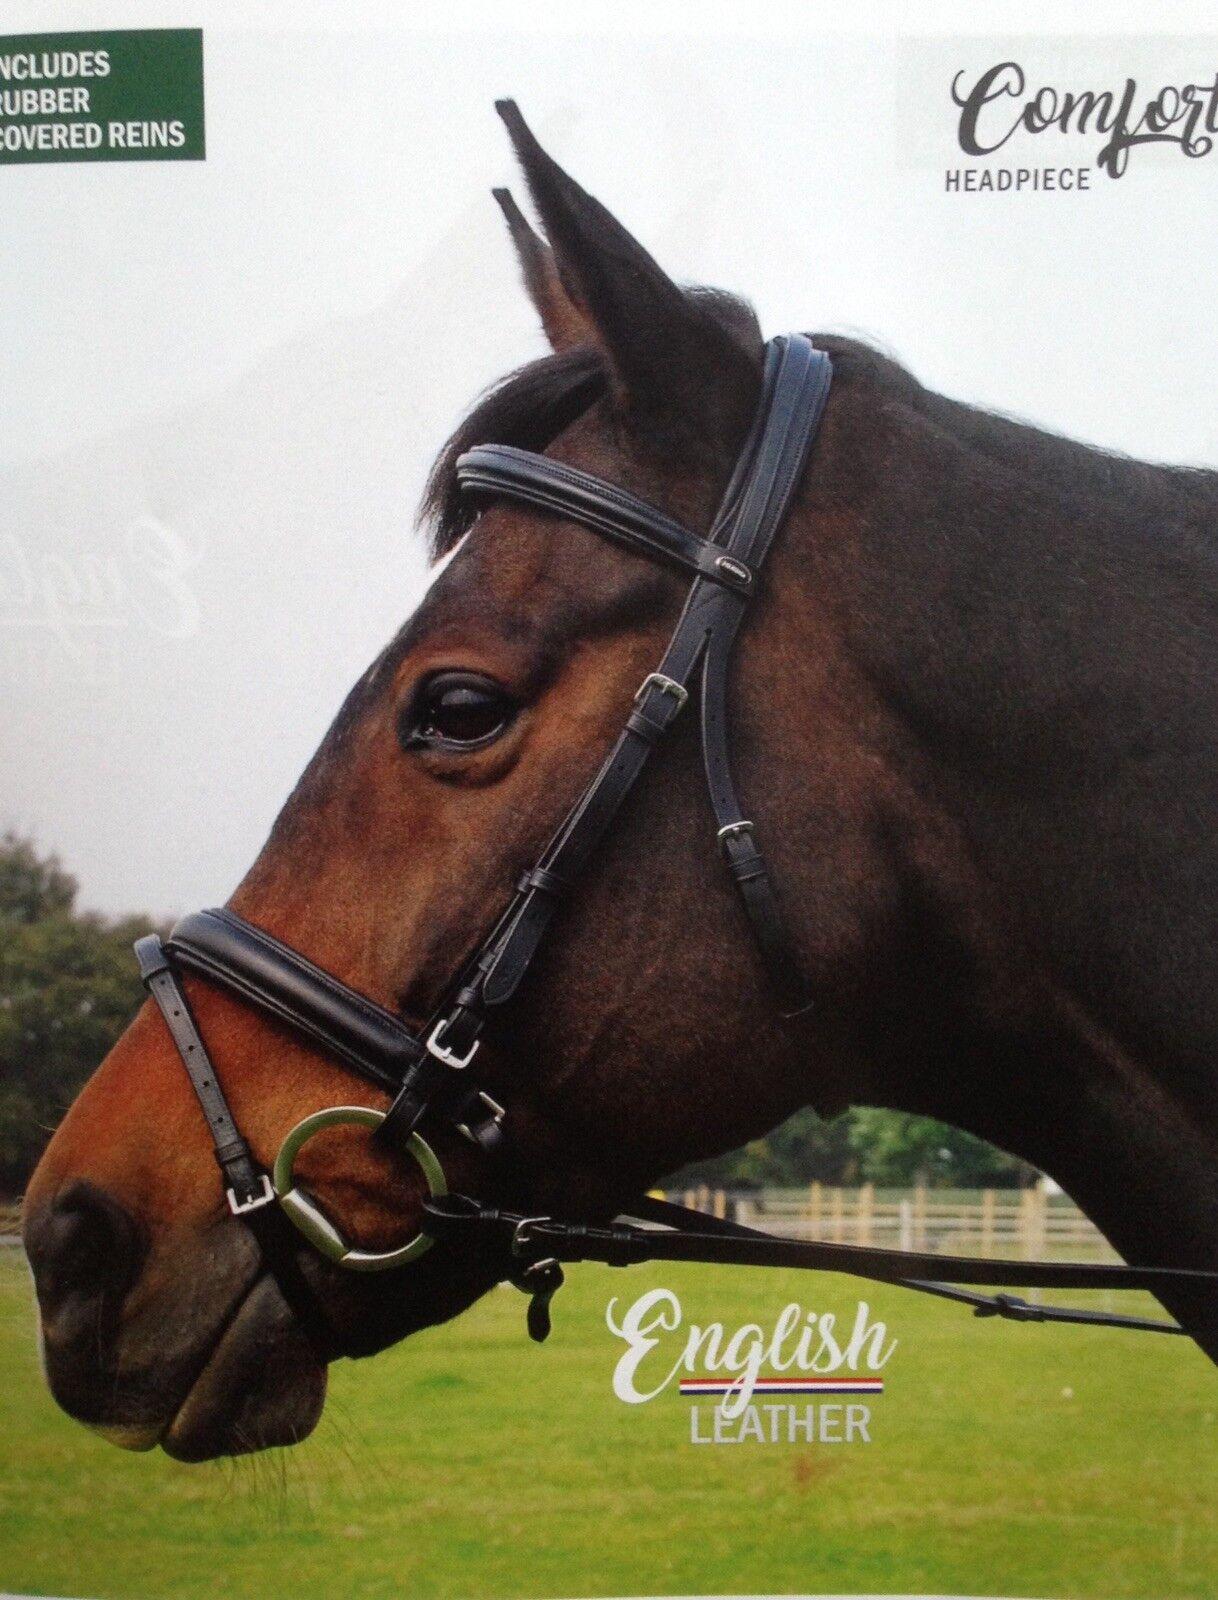 Pony Size Havana Heritage English Leather Bridle With Flash Noseband